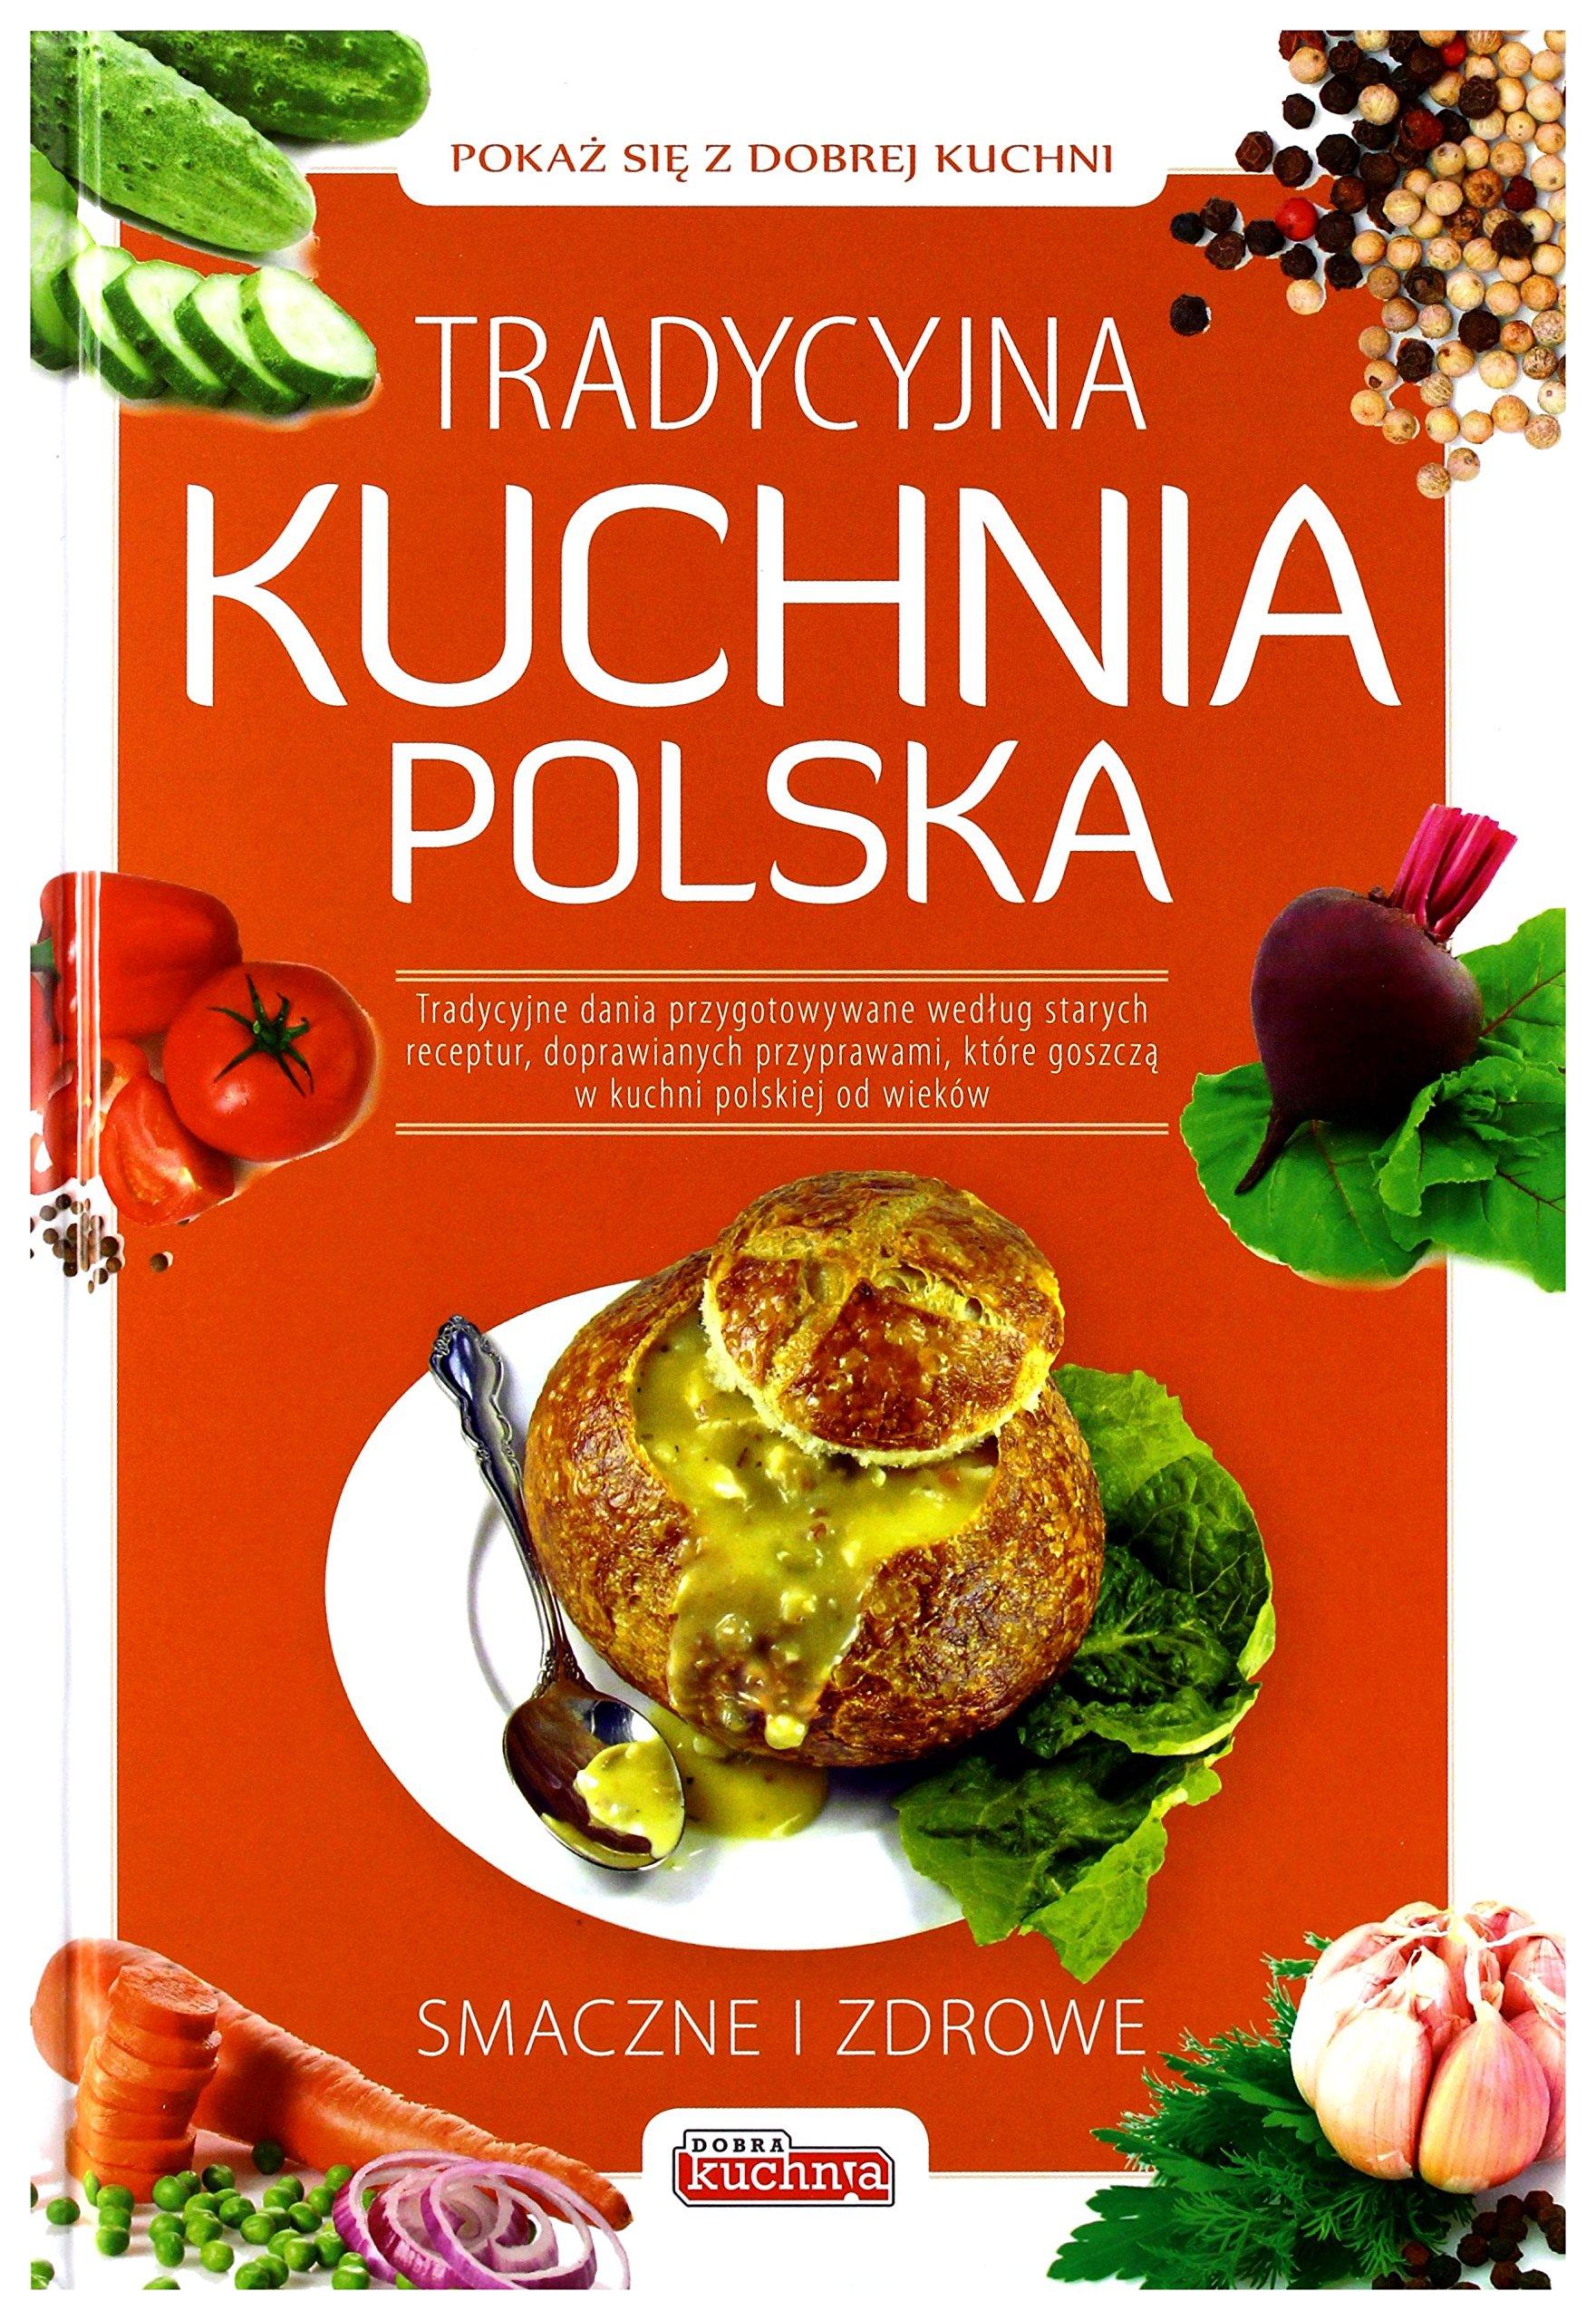 Tradycyjna Kuchnia Polska Praca Zbiorowa 9788362976096